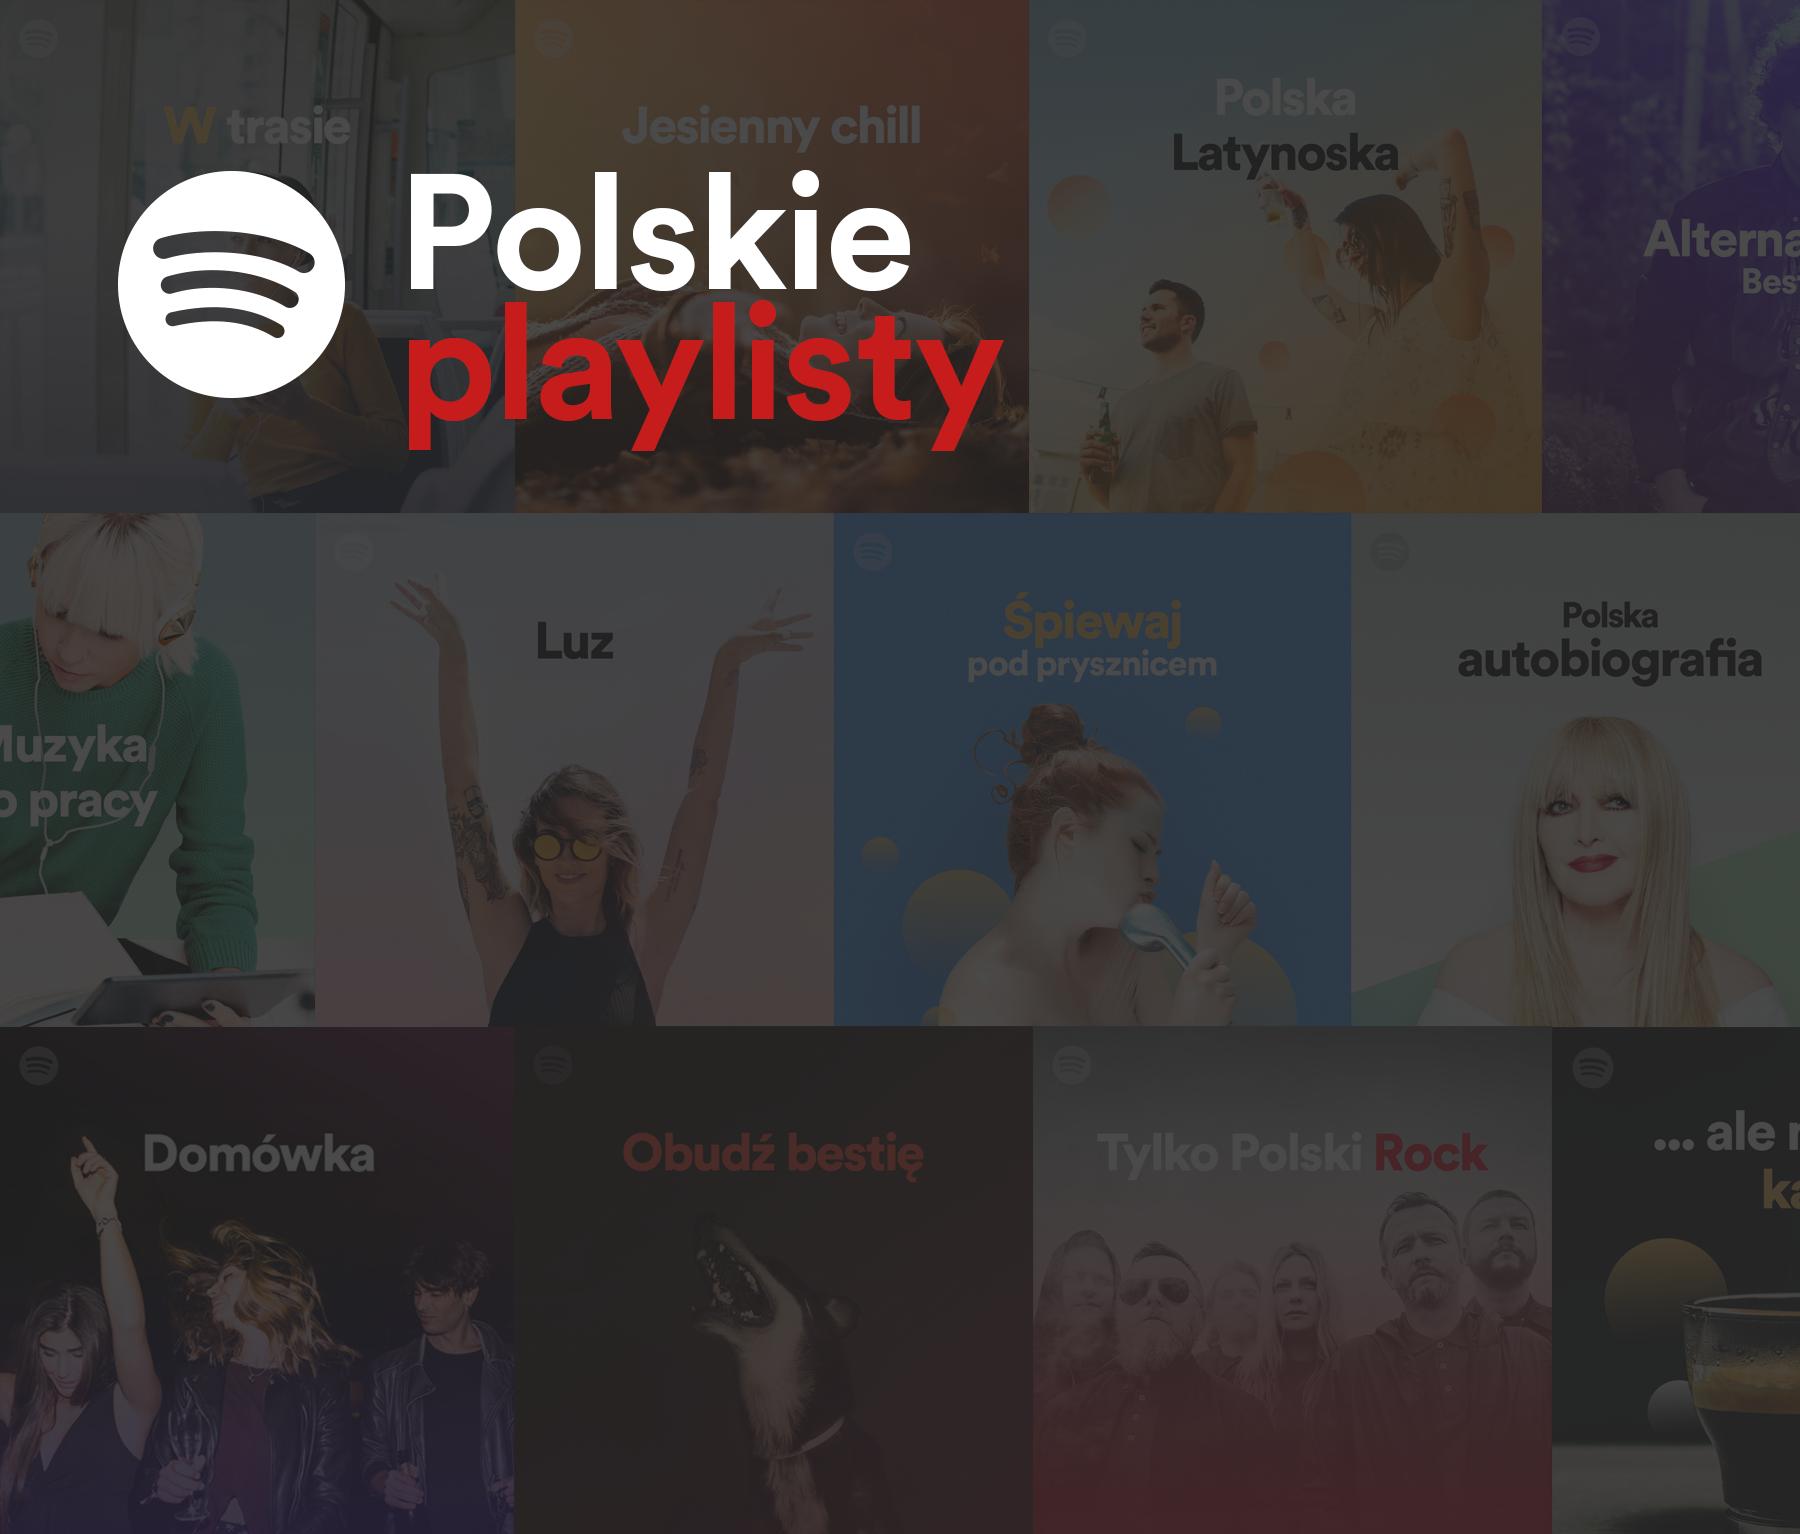 Polacy pokochali polskie playlisty Spotify